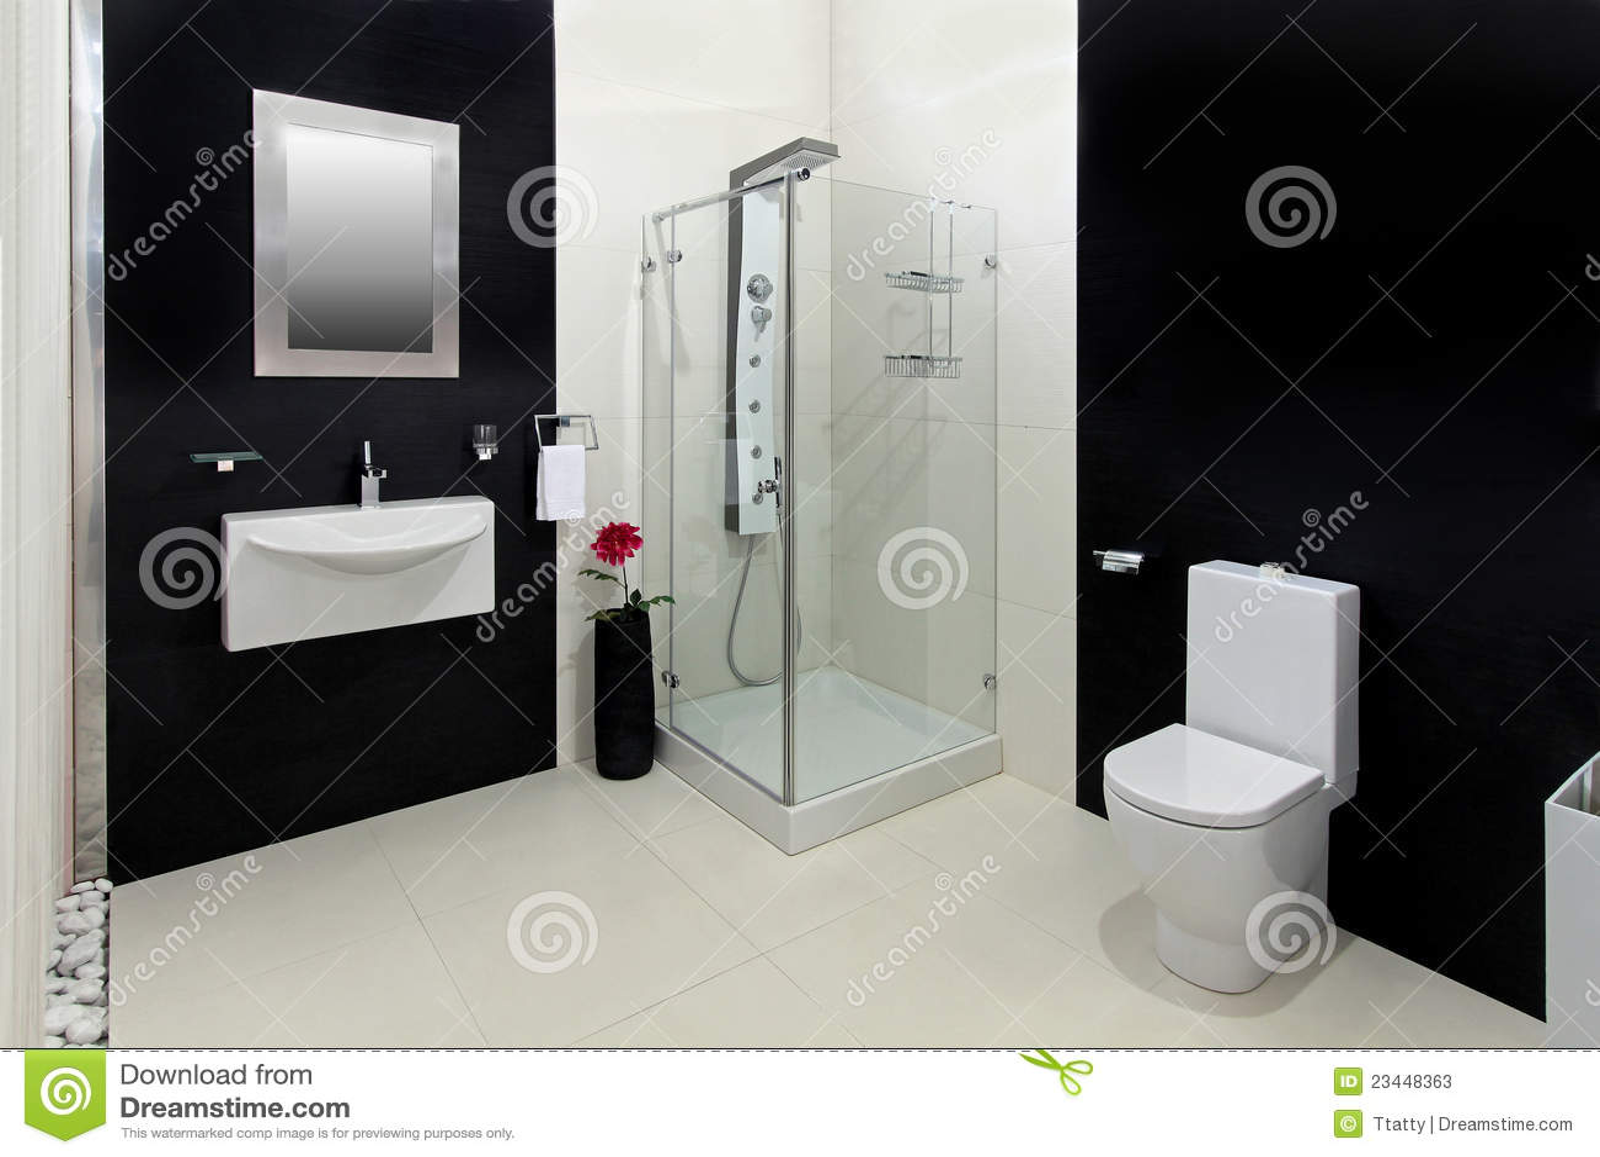 Banheiro Branco Preto Fotos de Stock Imagem: 23448363 #82A328 1300x957 Banheiro Branco Moderno